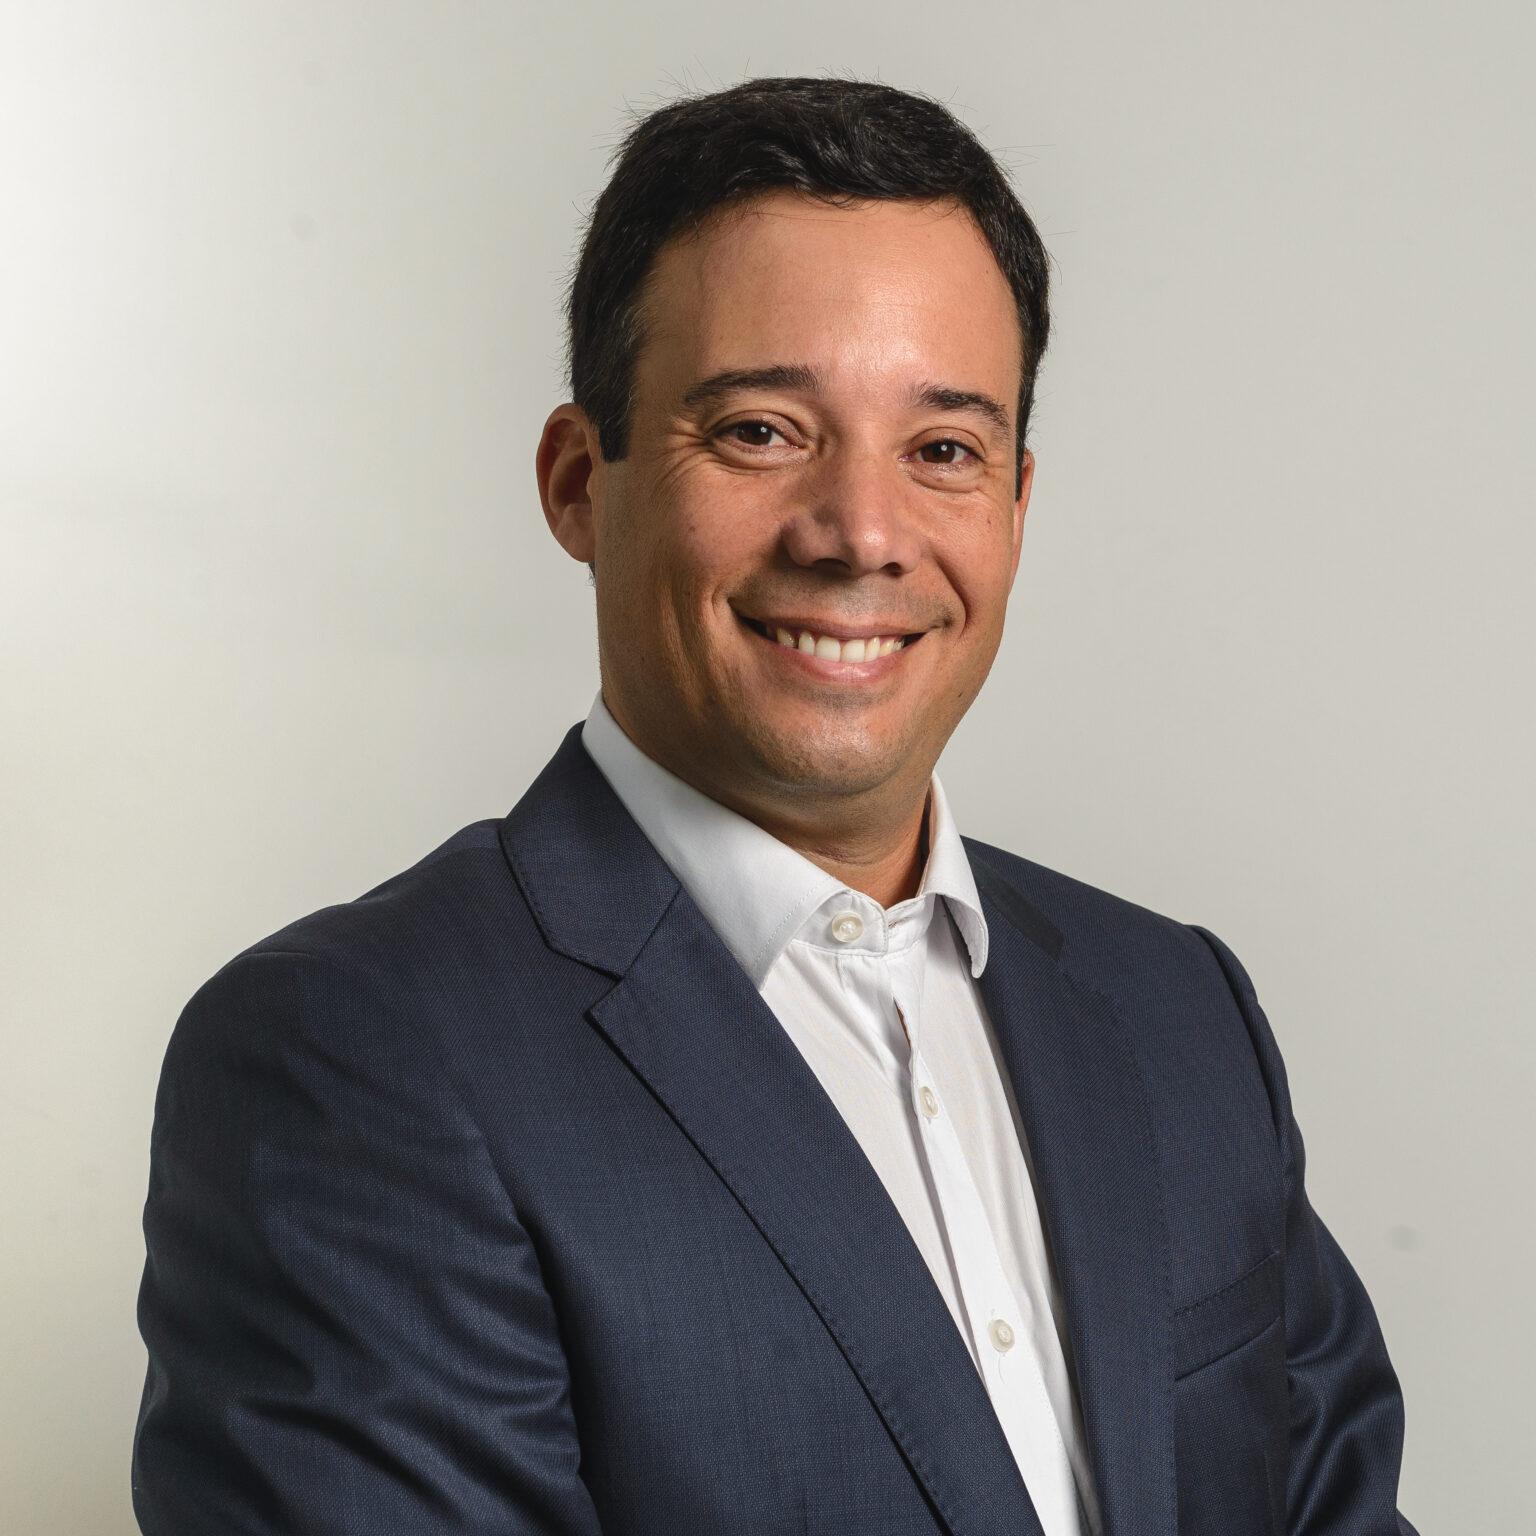 Vicente Bravo asume como nuevo gerente general de Bayer Chile